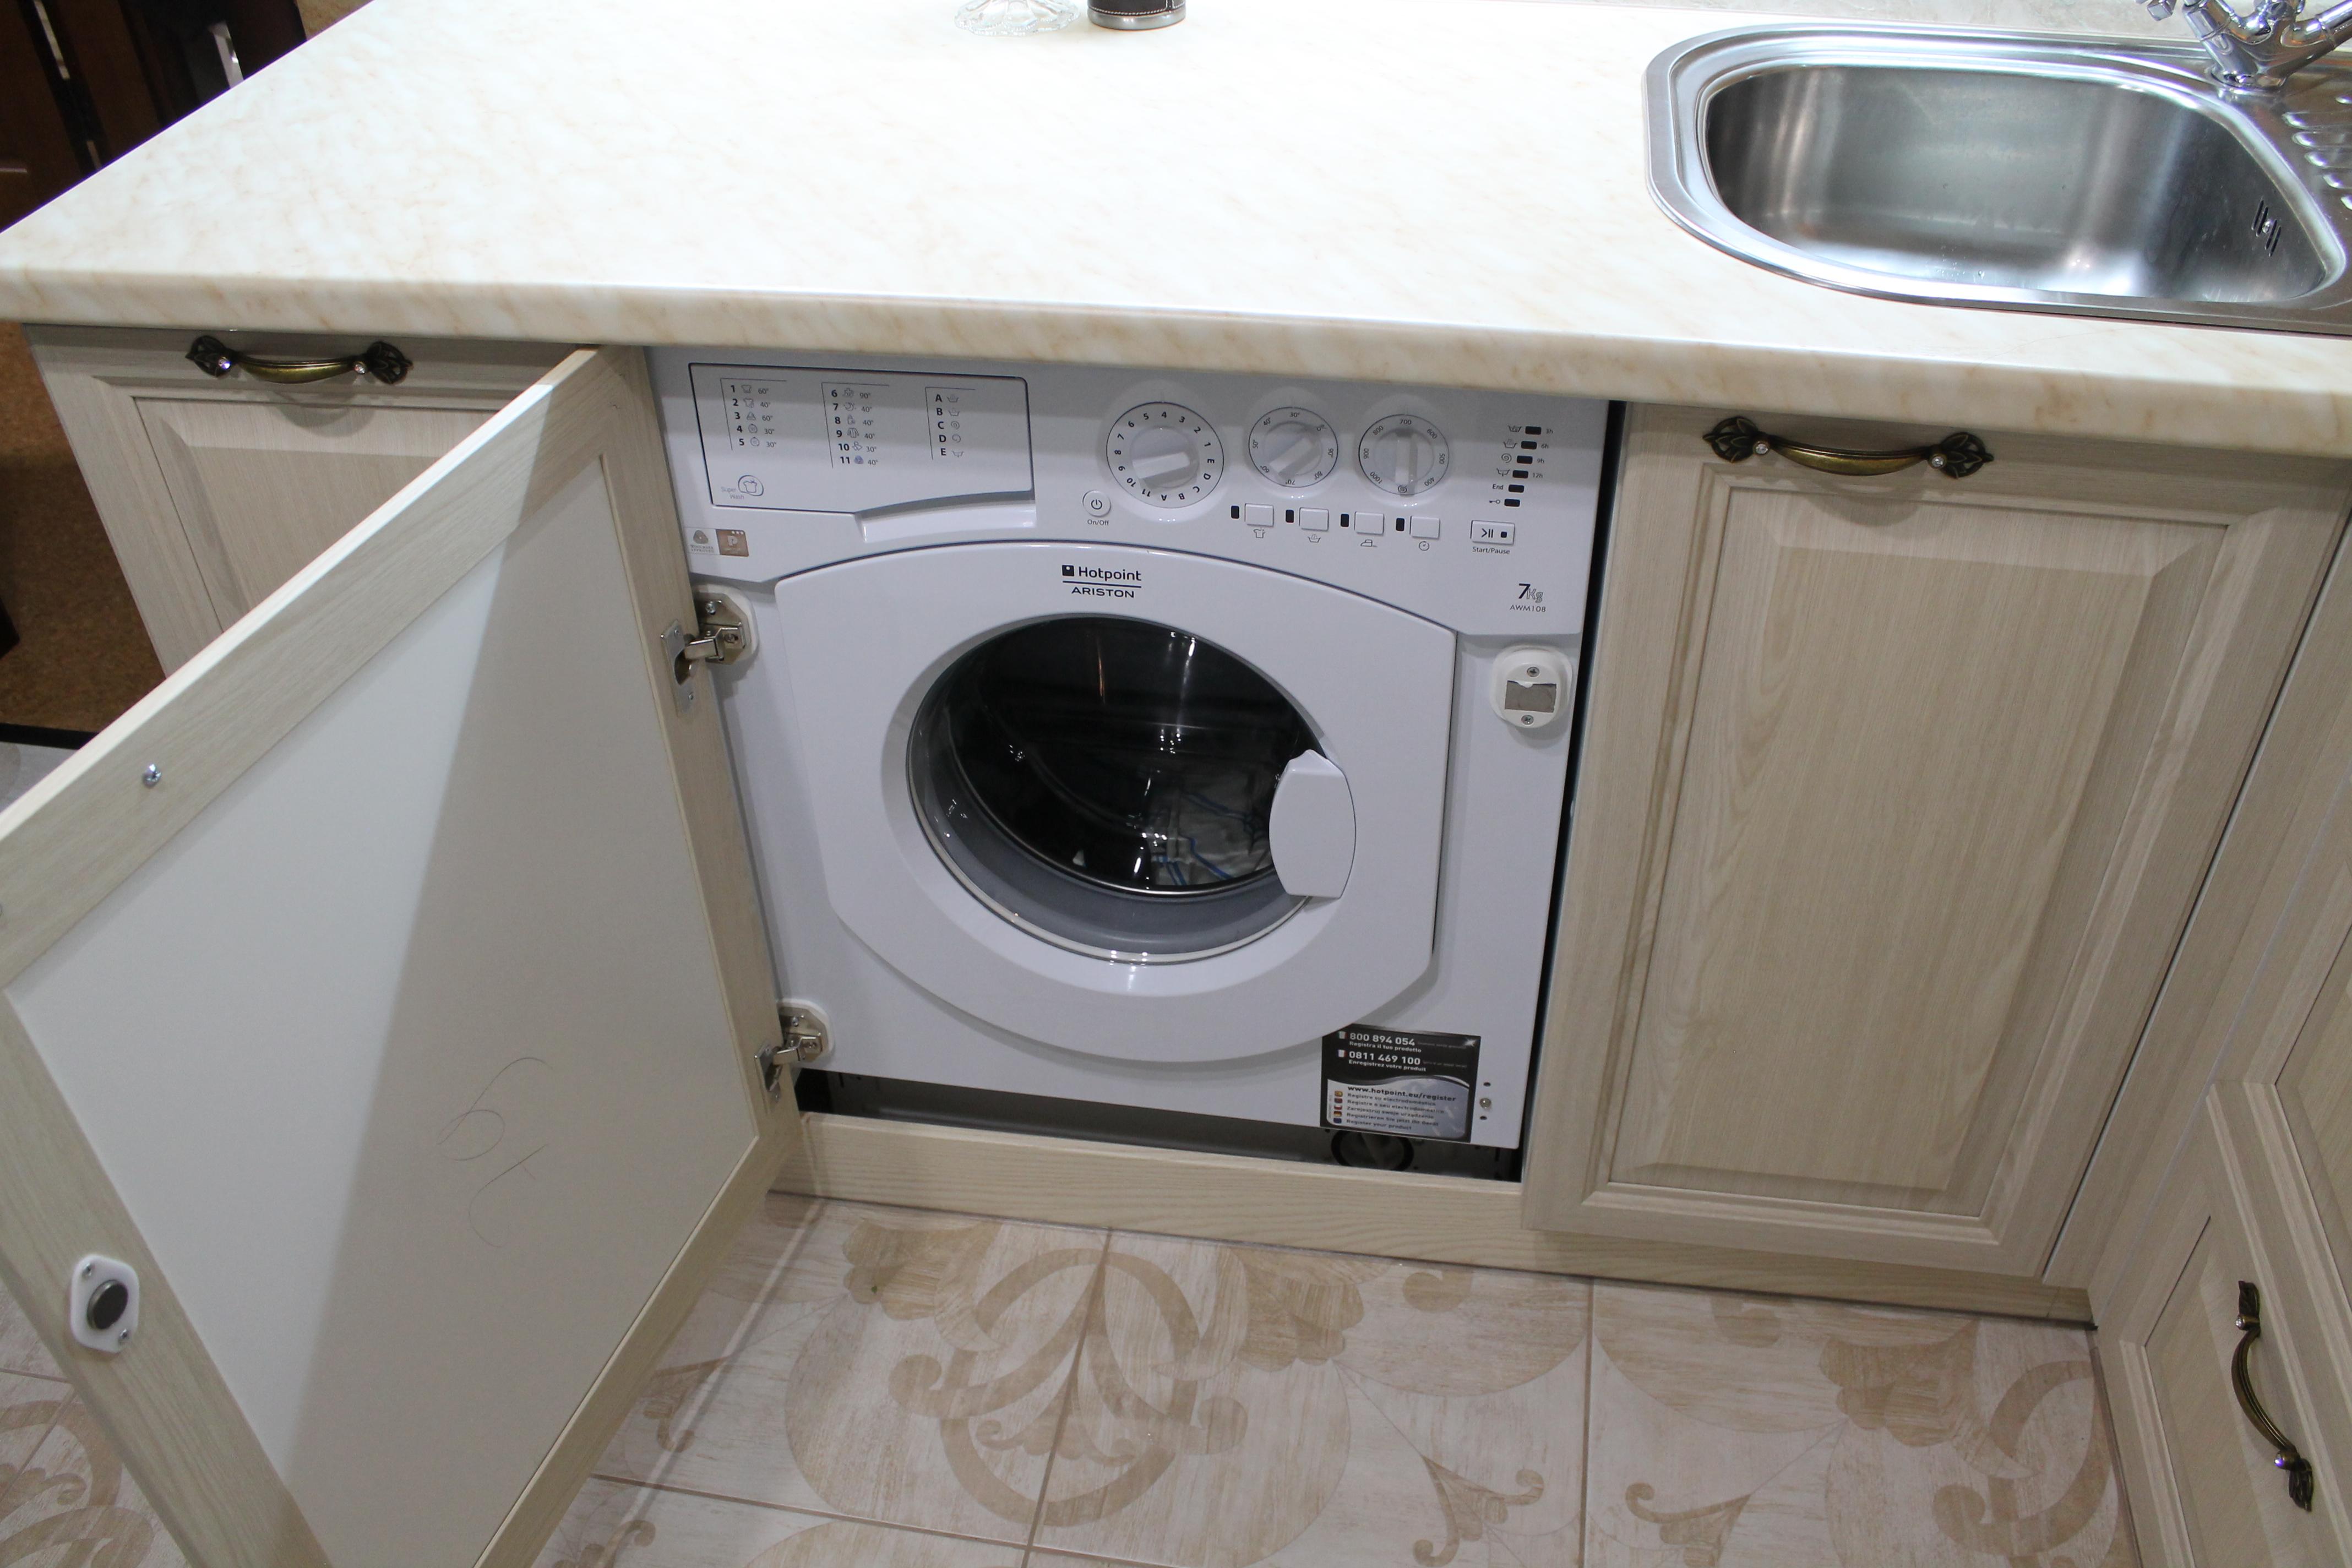 установка стиральной машины на кухне.JPG